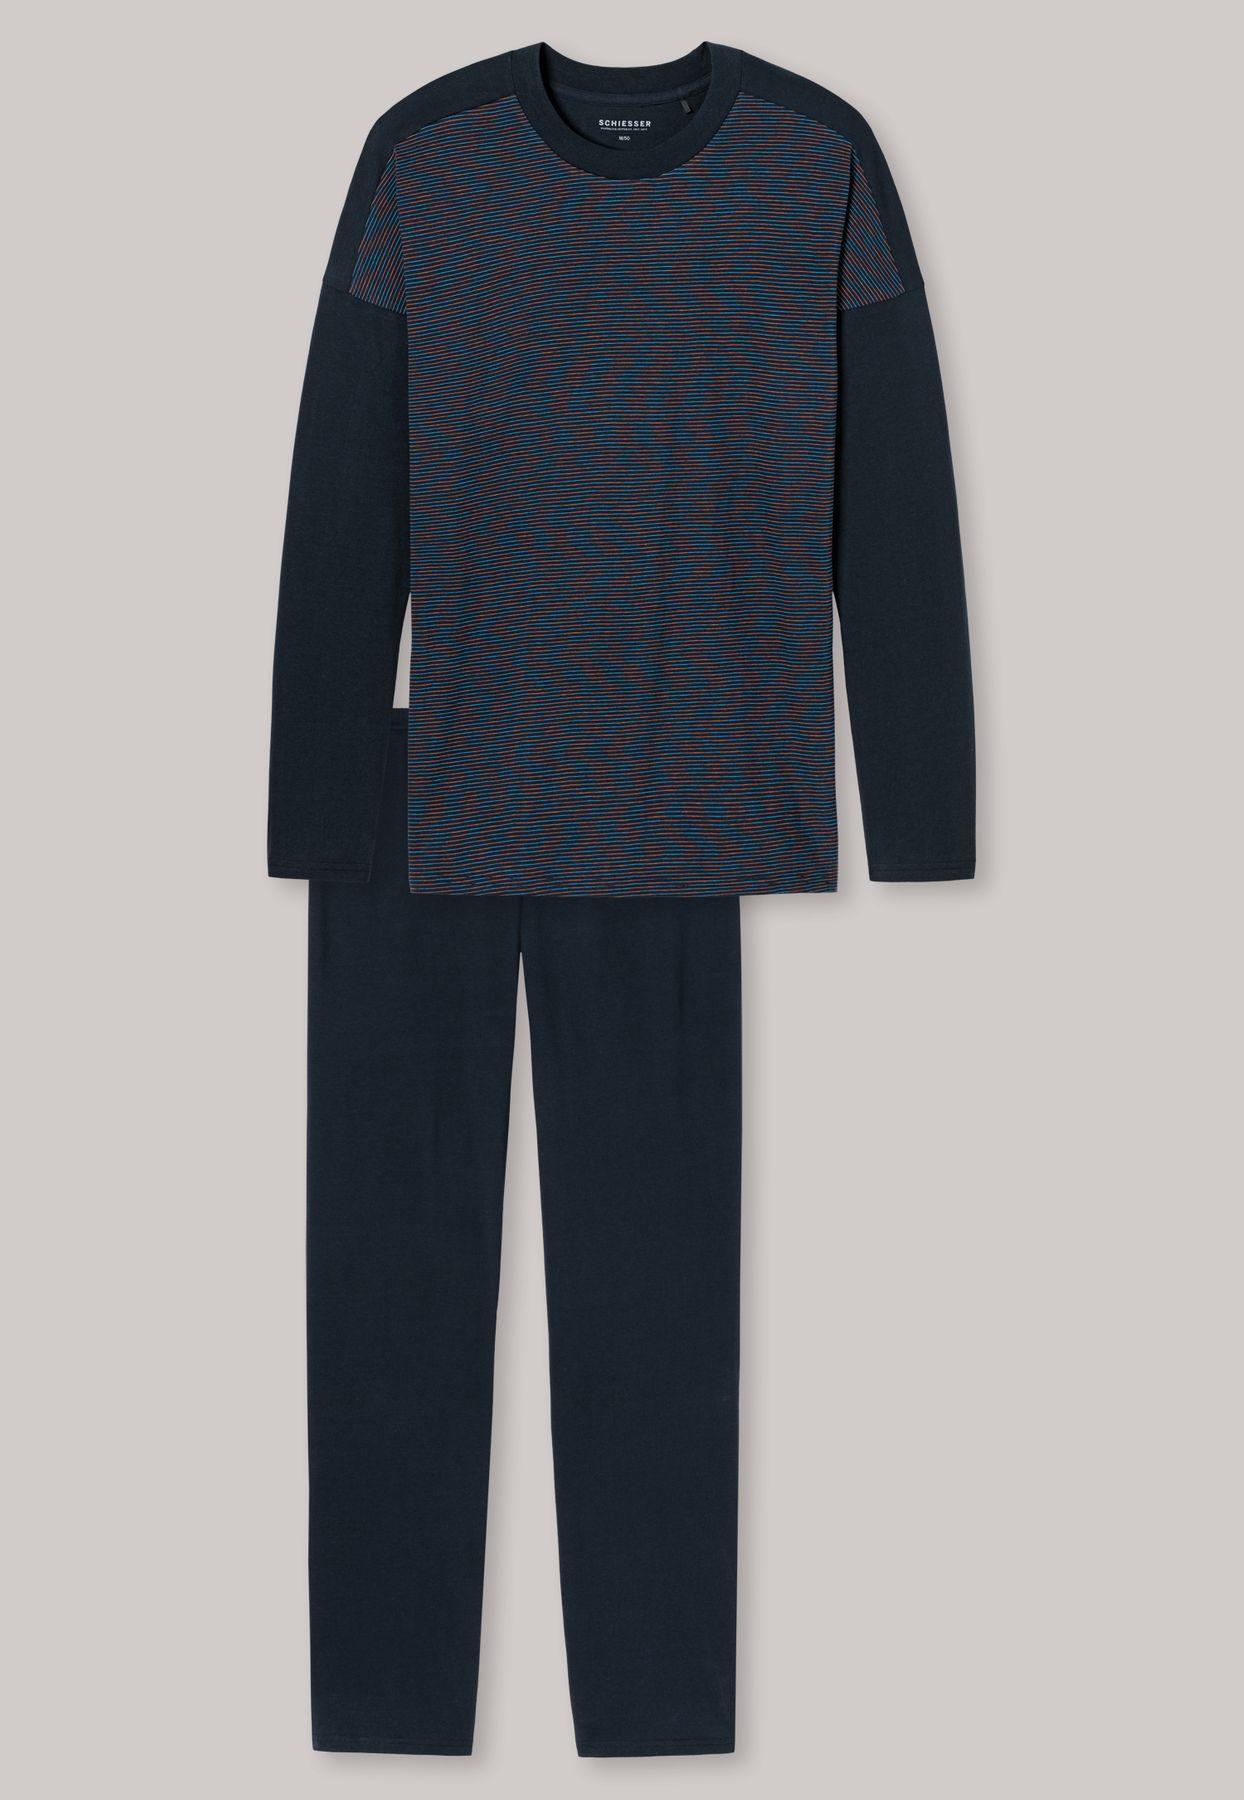 Schiesser - Herren Schlafanzug lang - Effektgarn dunkelblau - Blue Hour (162322-807) – Bild 5